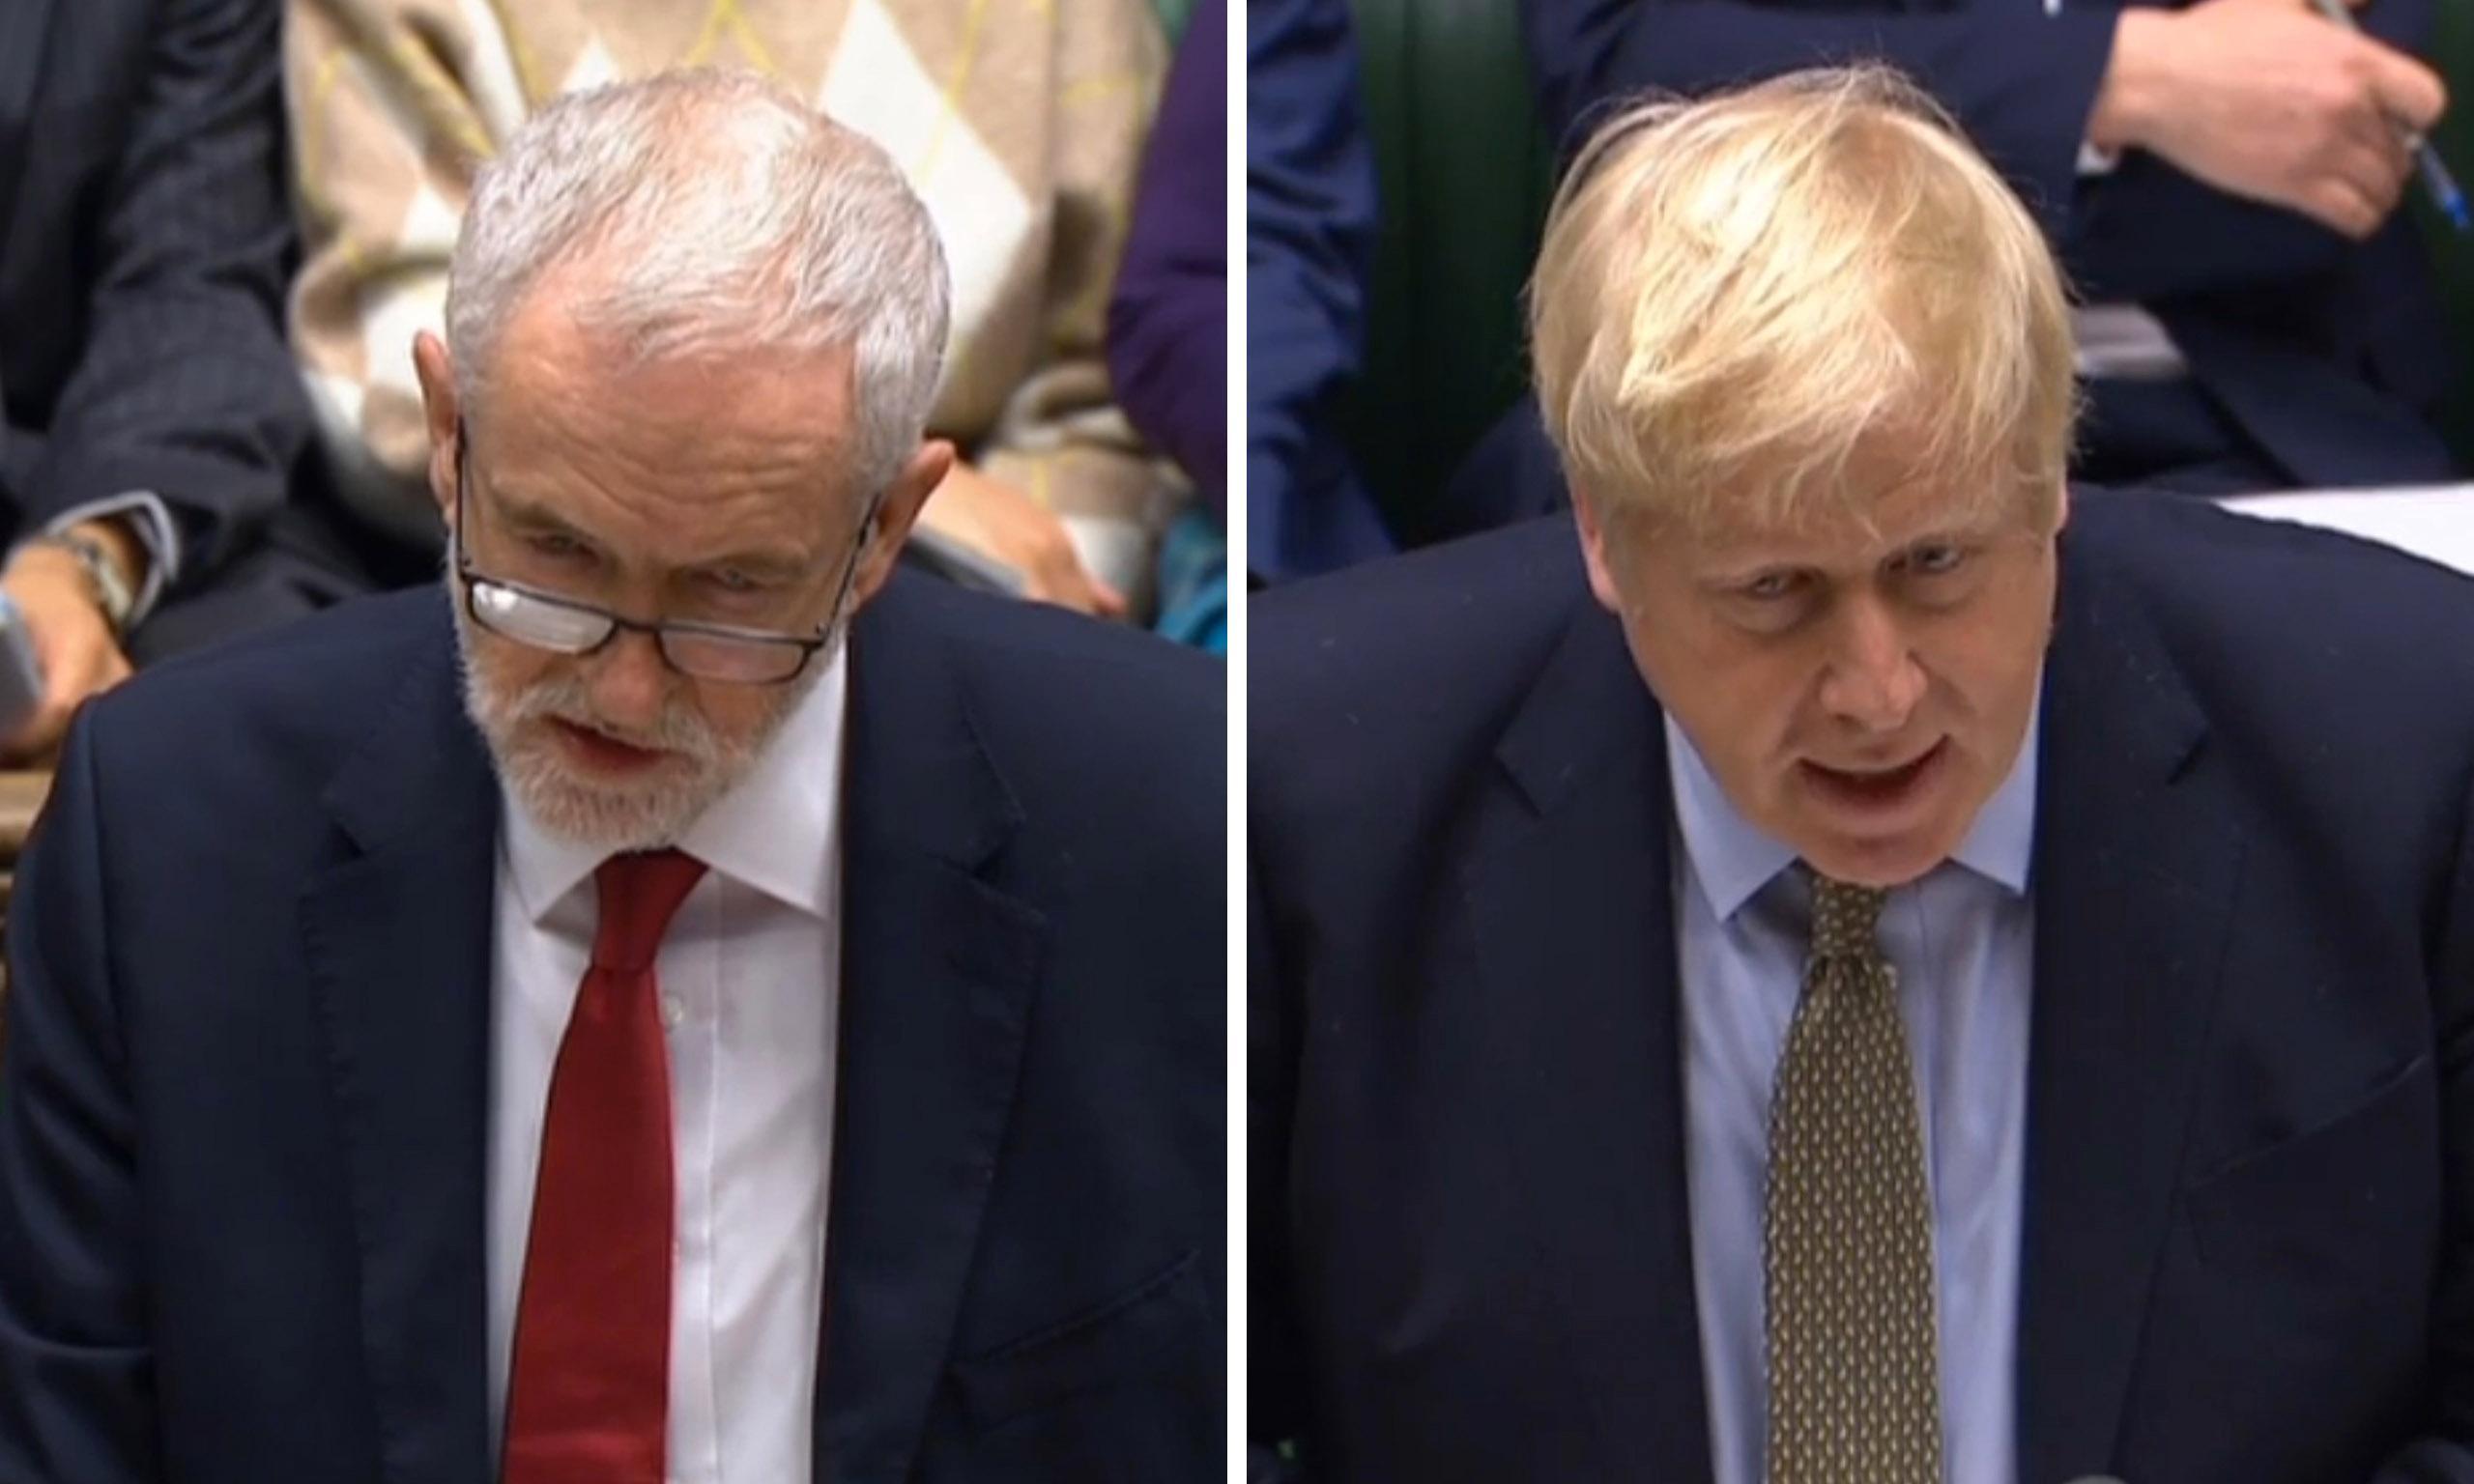 PMQs verdict: Johnson and Corbyn clash over Iran missile attack